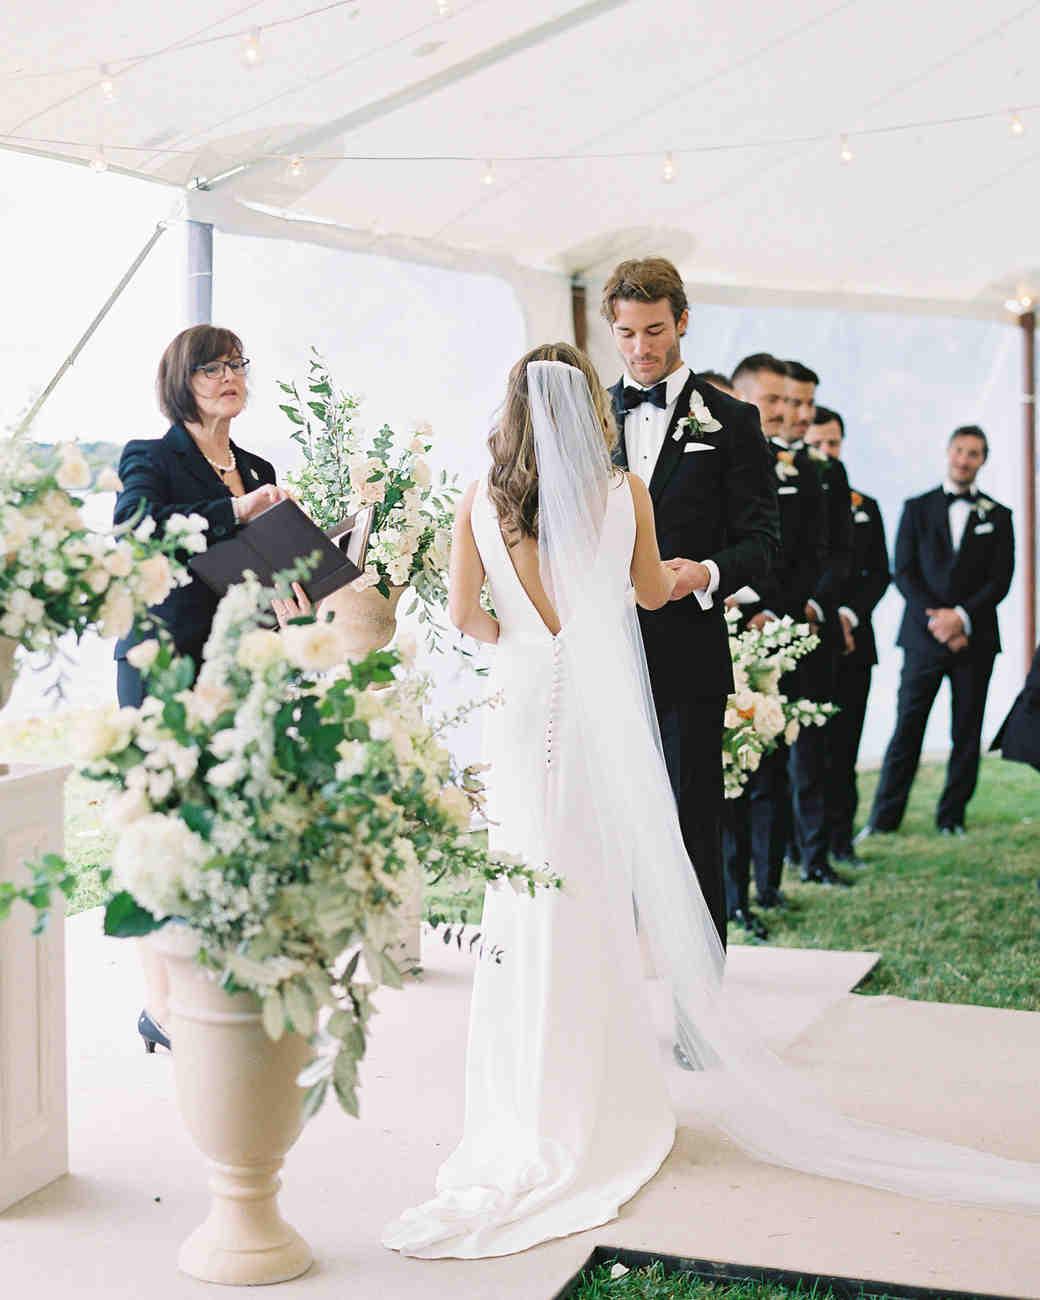 lauren alex wedding ceremony bride and groom